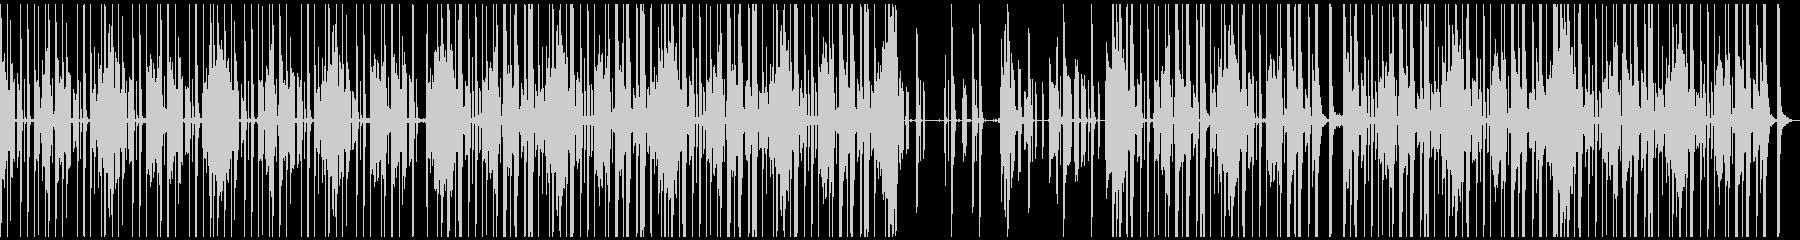 シンセとギターを用いたファニーなBGMの未再生の波形